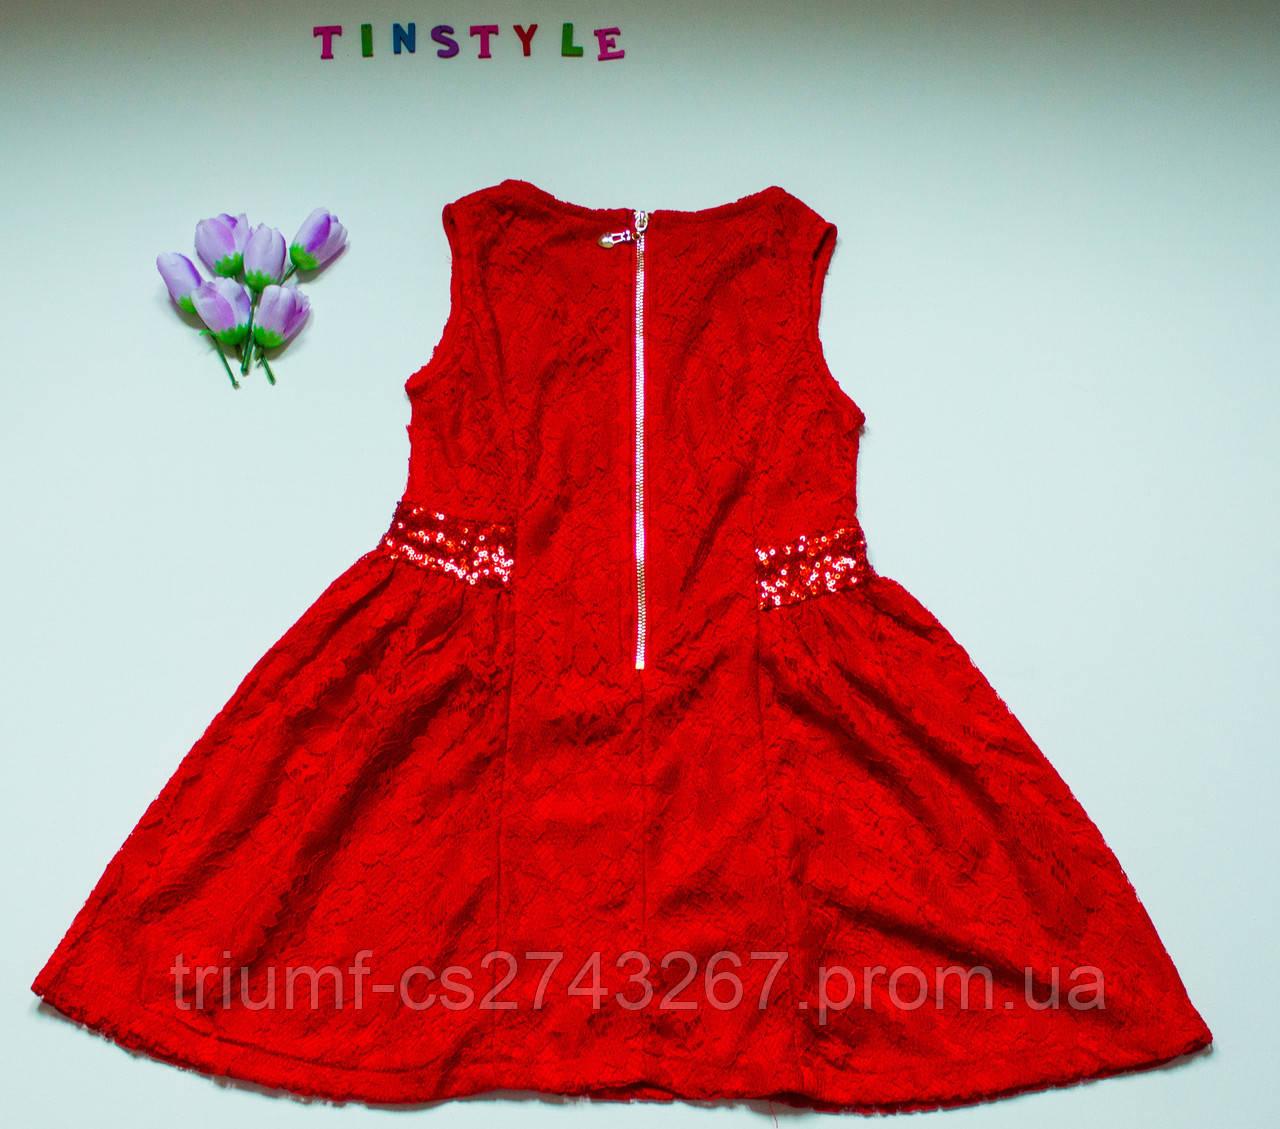 Купить Платье Нарядное Для Девочки Интернет